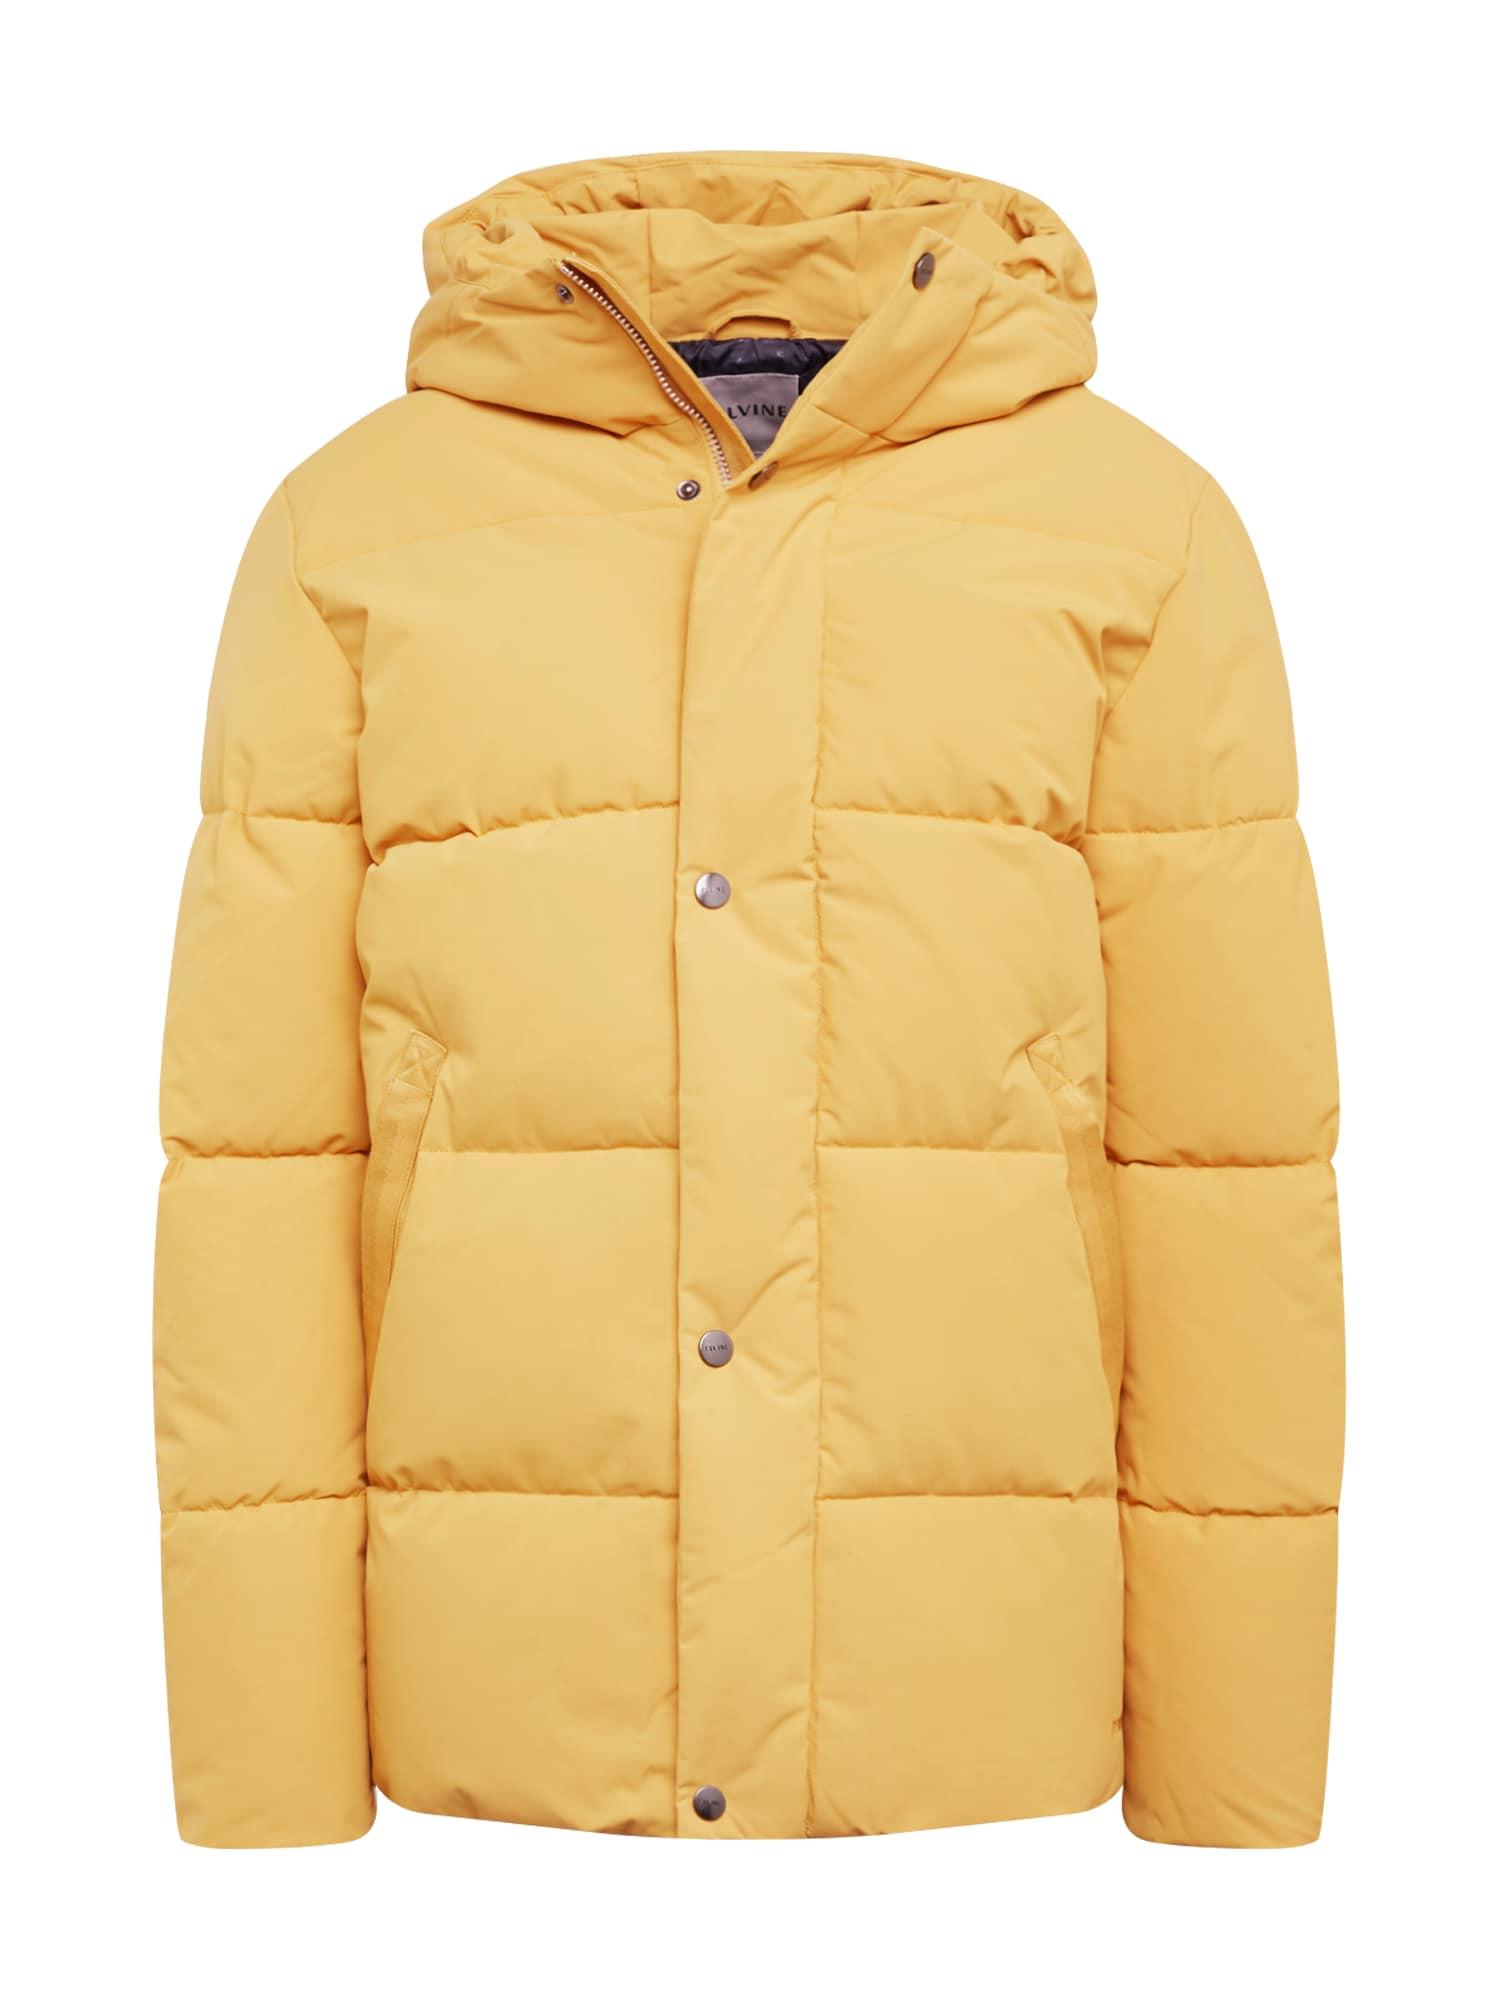 elvine Žieminė striukė 'Bror' geltona